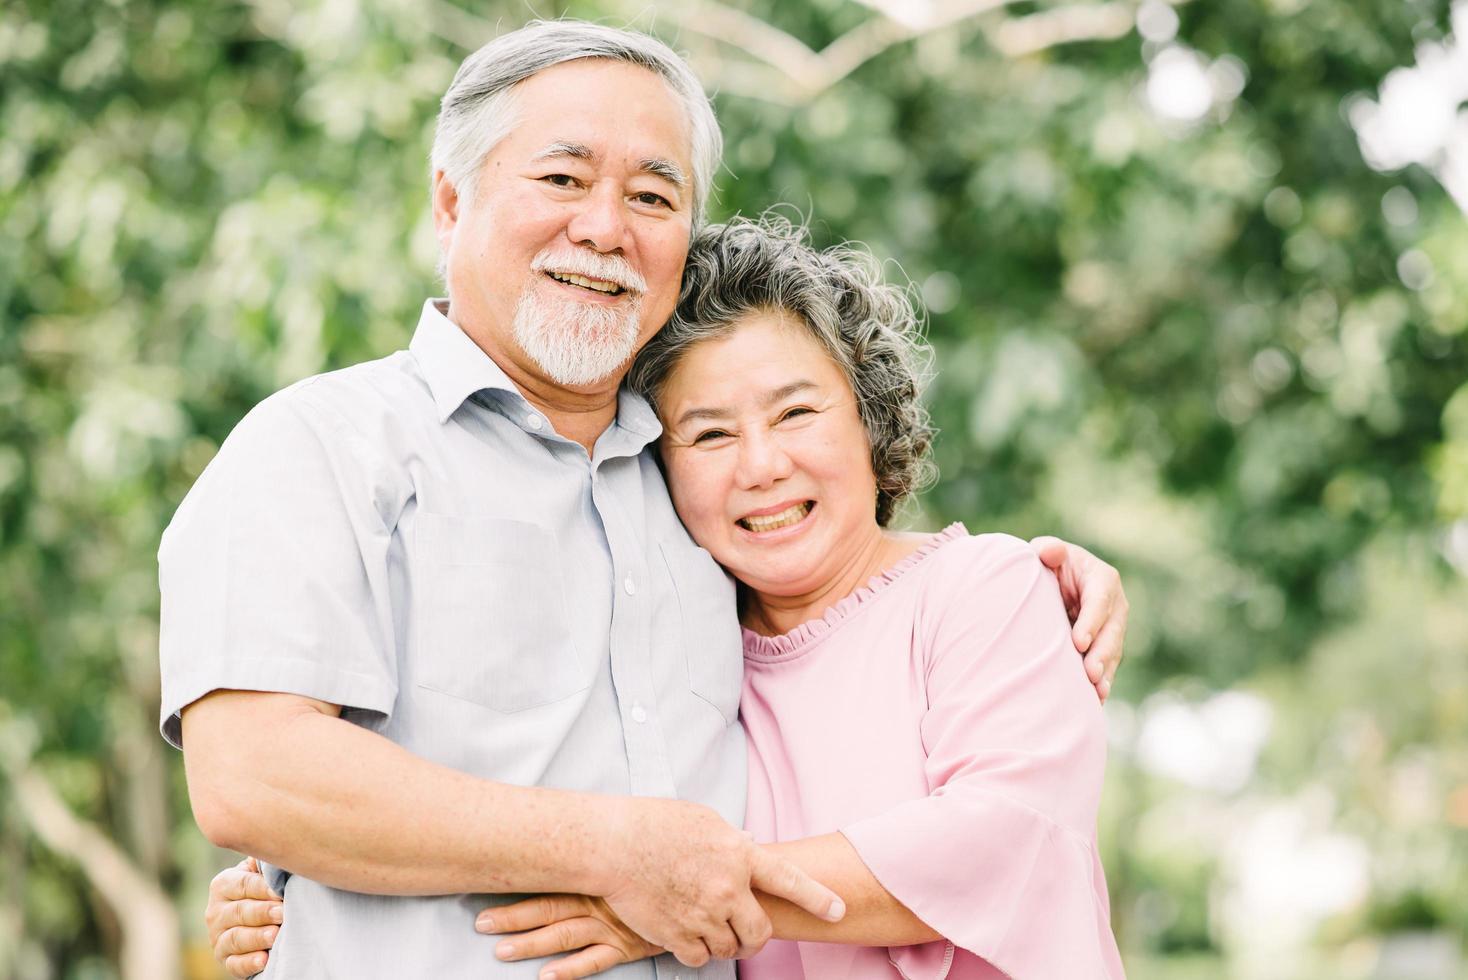 coppia senior abbracciando nel parco all'aperto foto